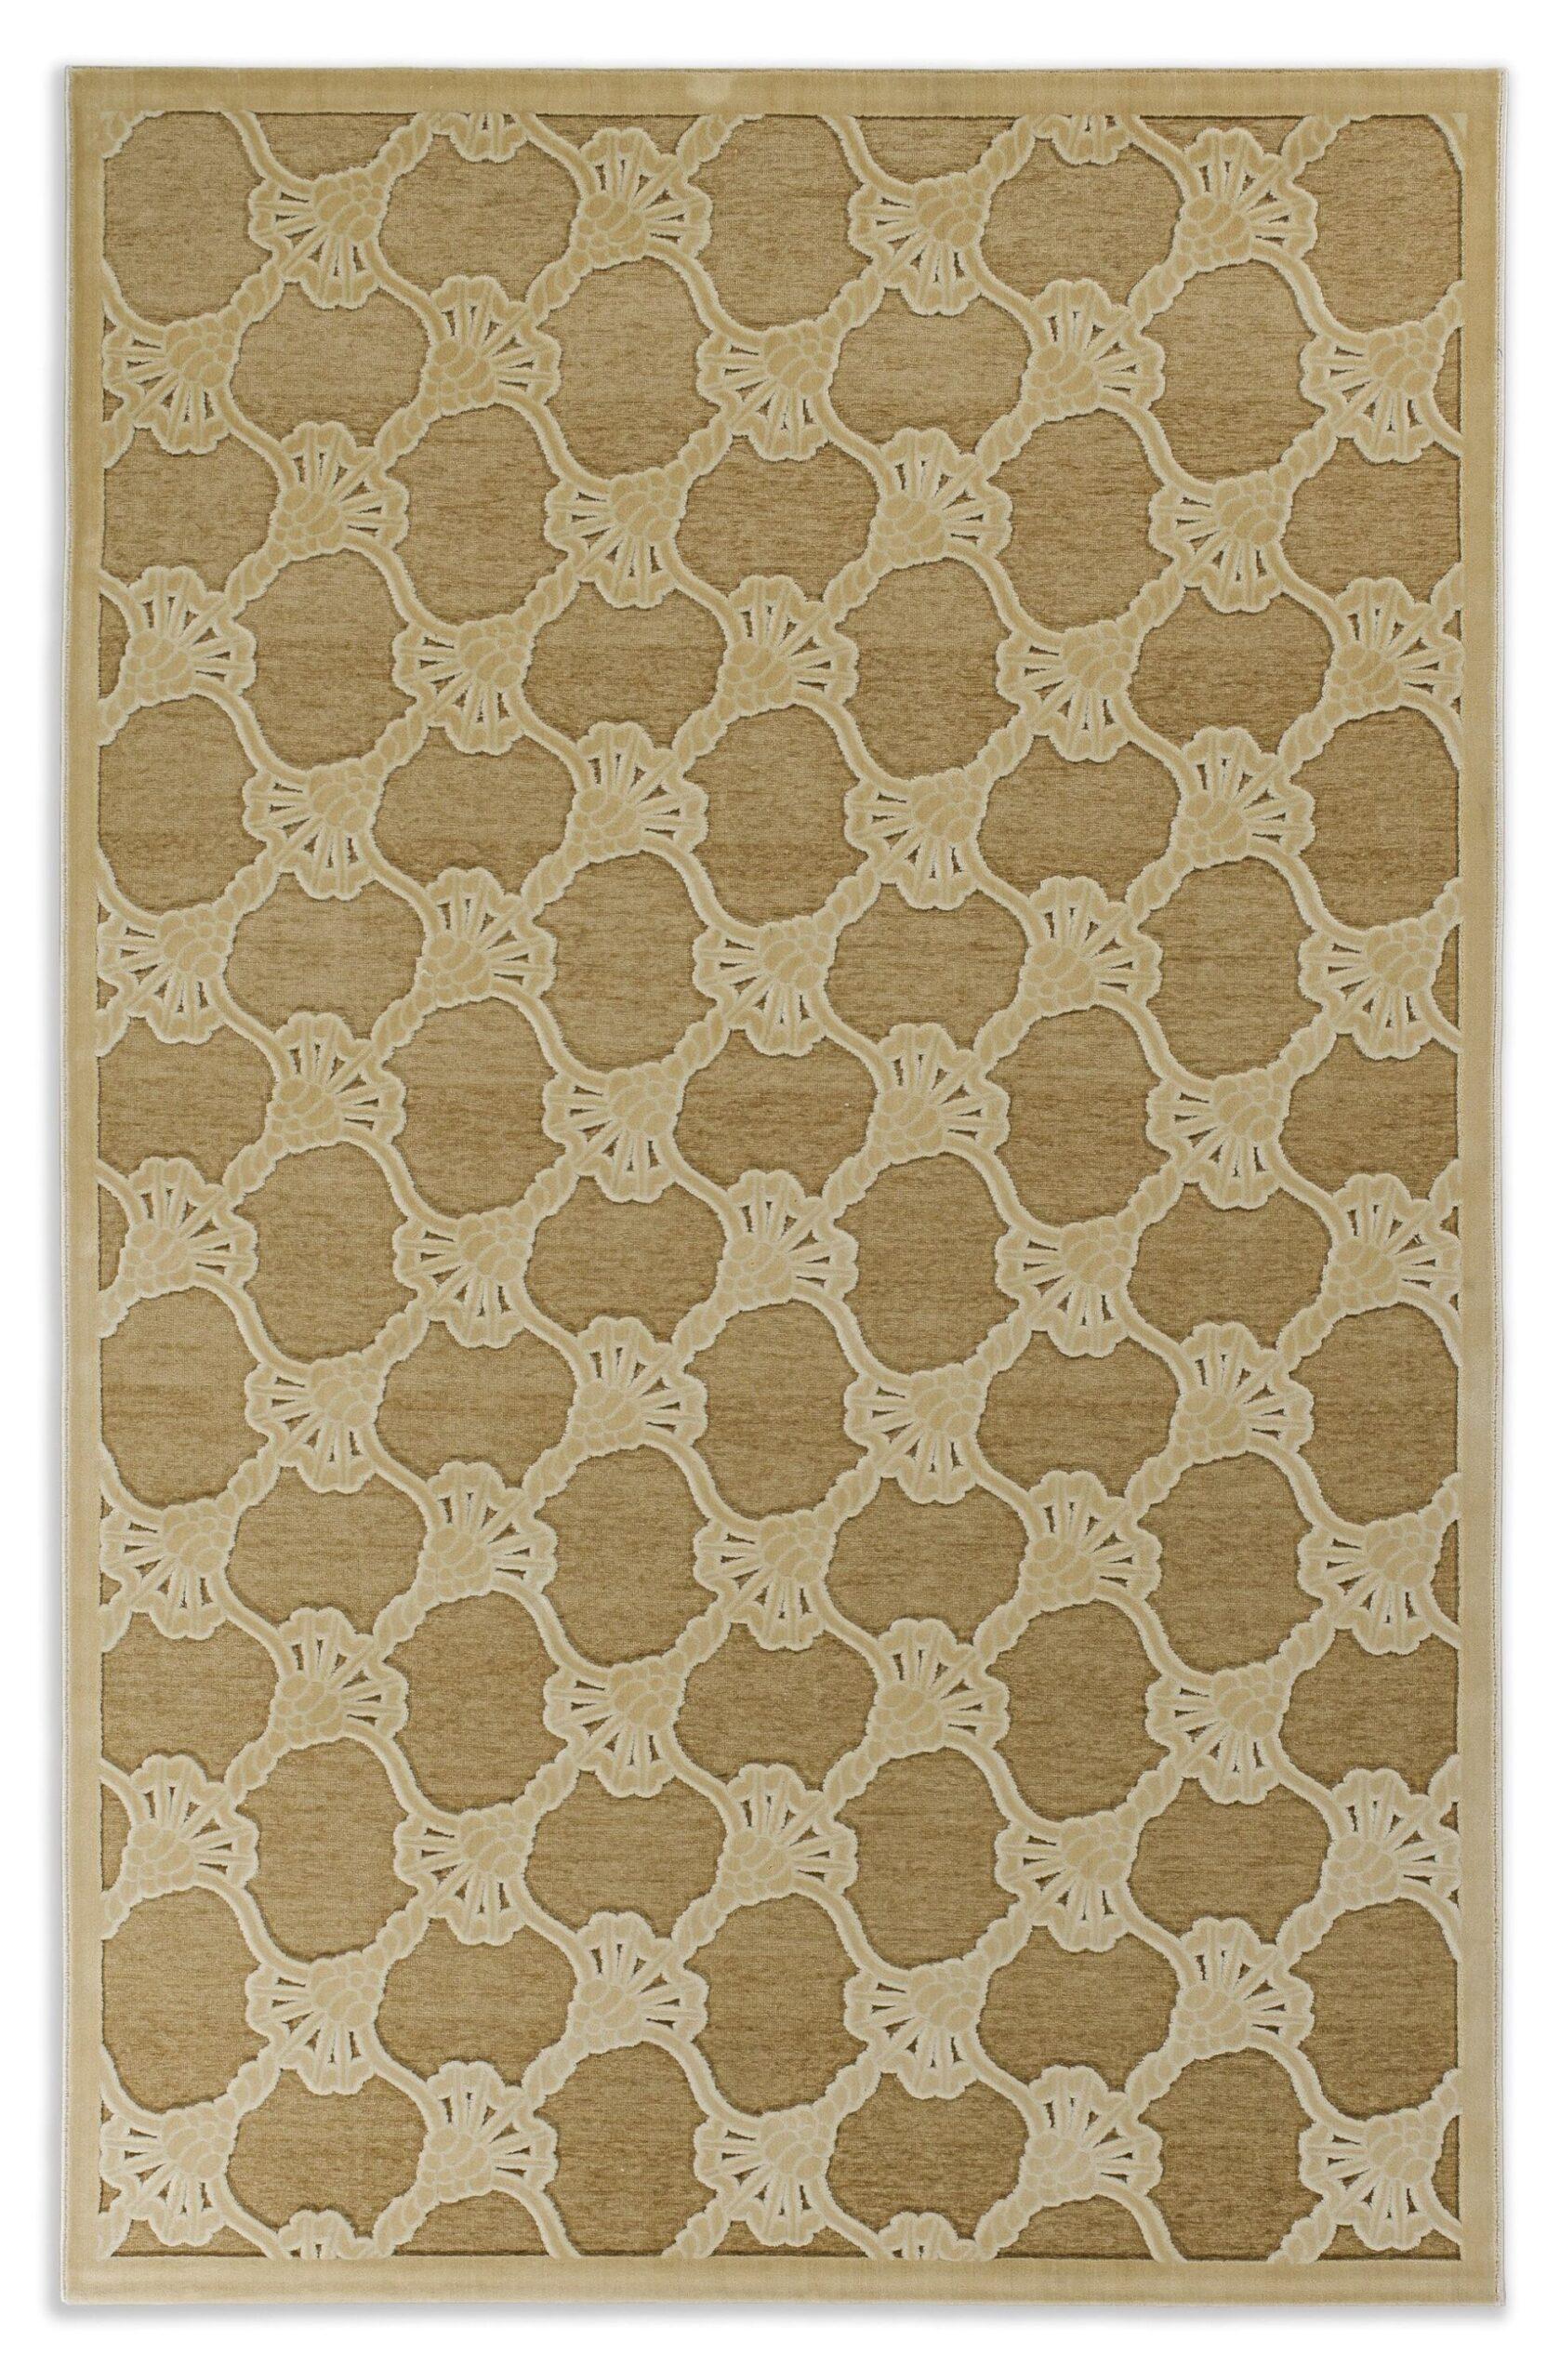 Full Size of Teppich Joop Soft Pattern Faded Cornflower Wohnzimmer Grau New Curly Taupe Vintage Designer Teppiche Fumatten Bad Badezimmer Esstisch Für Küche Steinteppich Wohnzimmer Teppich Joop